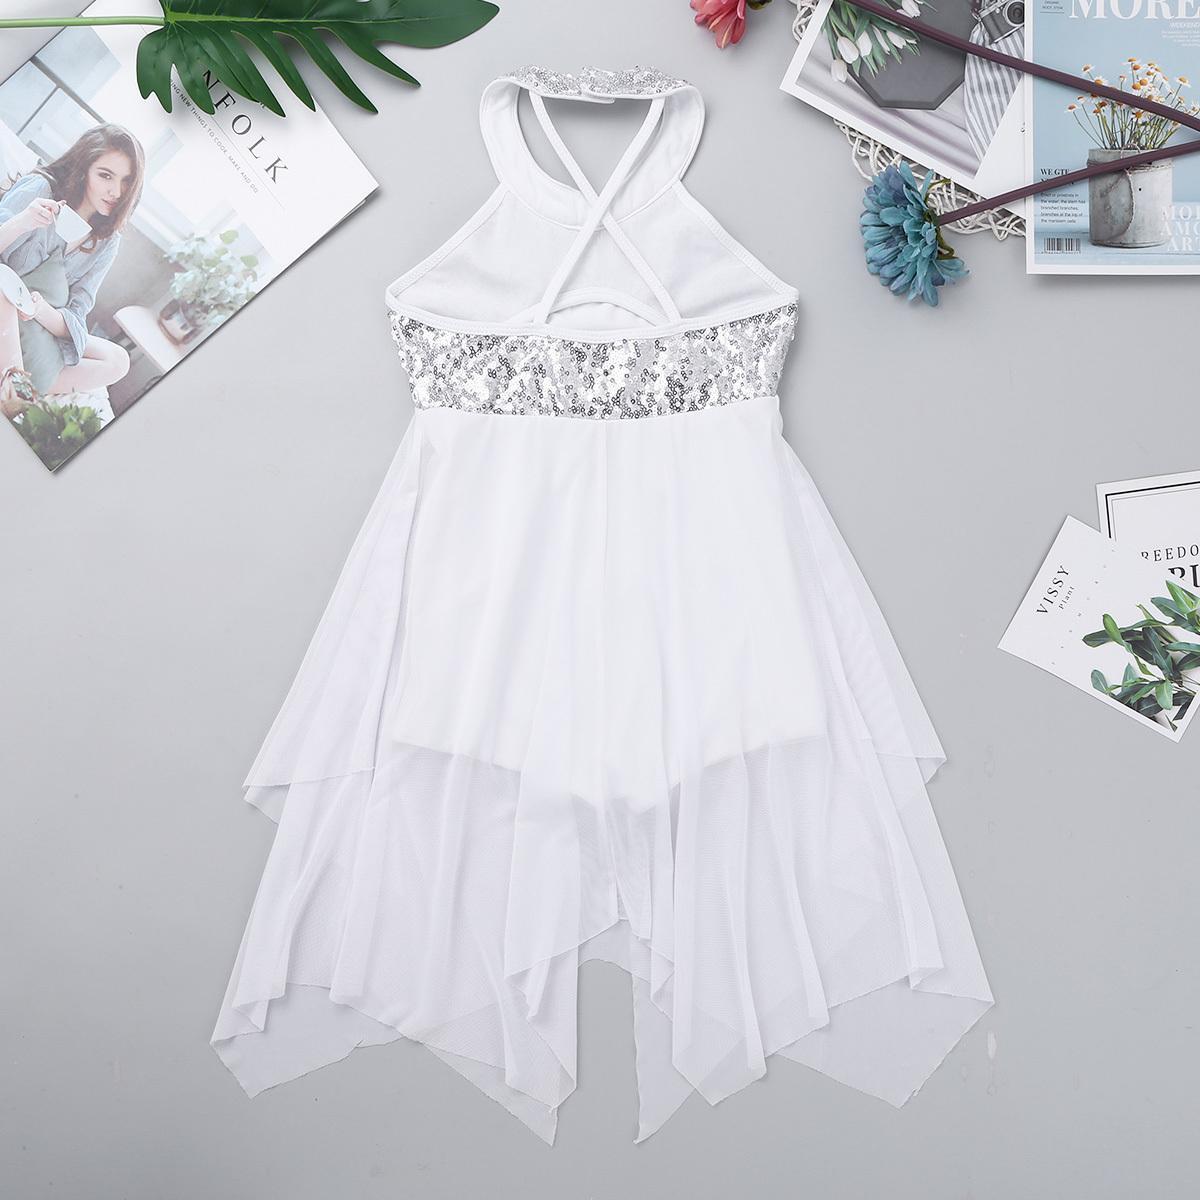 iiniim Girl 2 Pieces Ballet Dress Side Waist Open Drap Skirt Set Child Leotard Dance Dress Lyrical Modern Contemporary Costumes